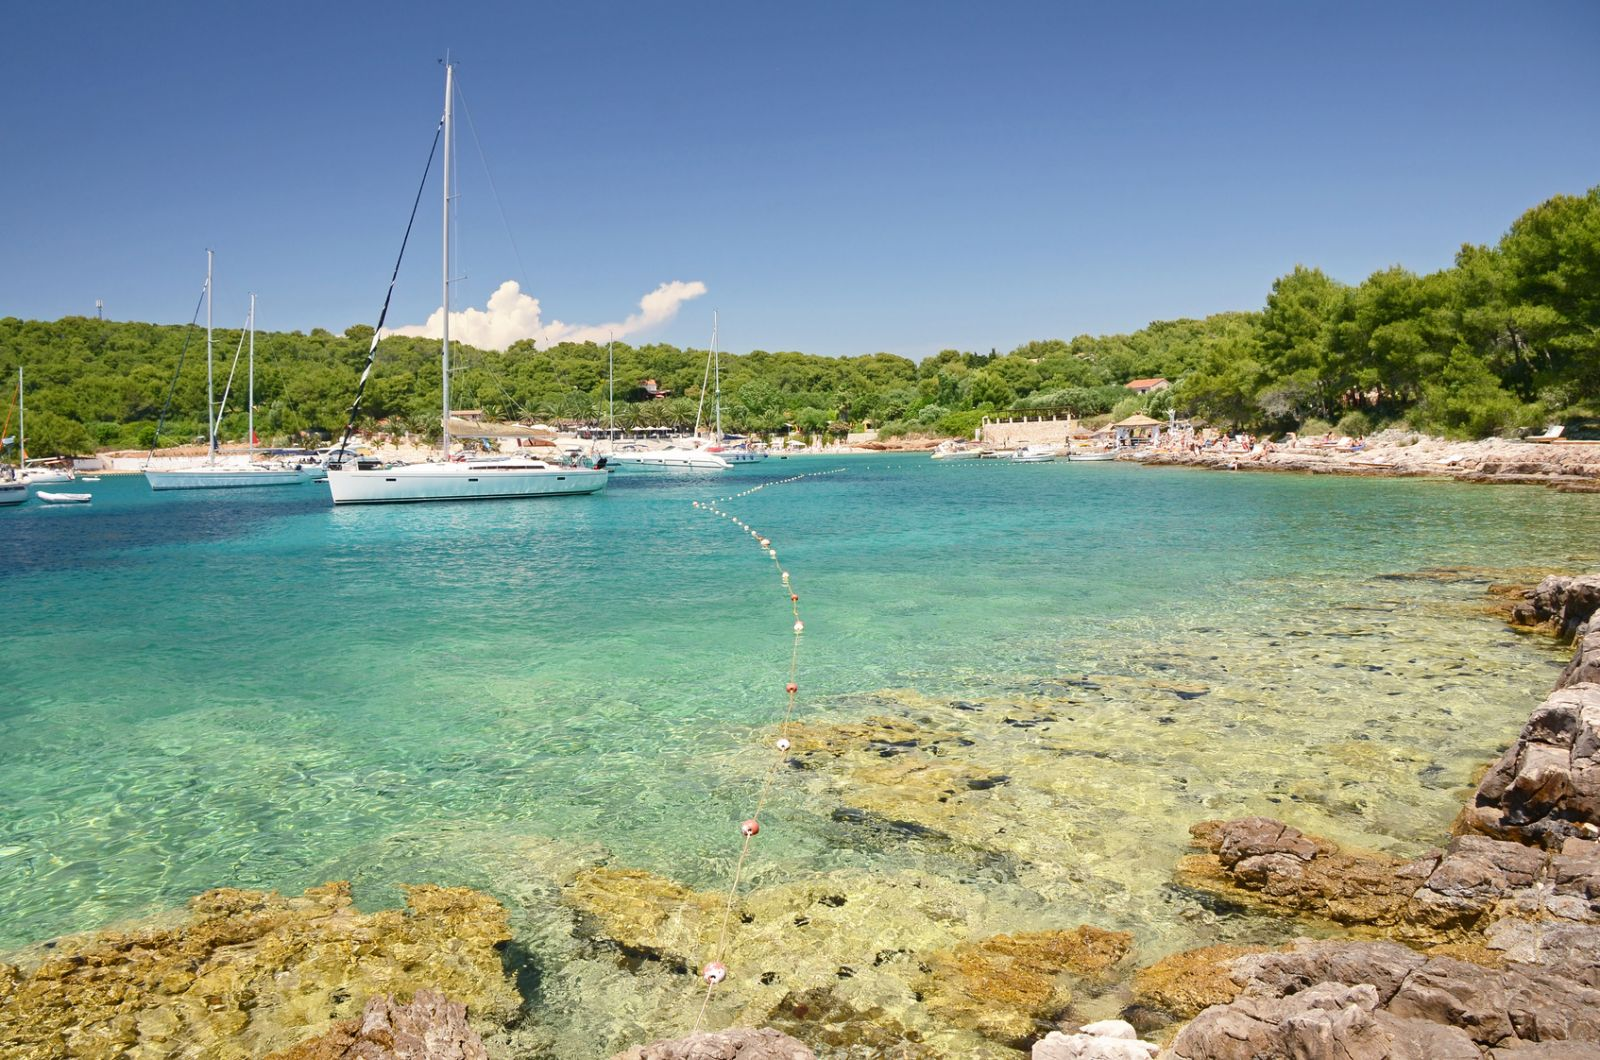 Für einen Charterurlaub auf dem Meer ist häufig der SBF See sowie ein Funkschein (SRC/LRC) ausreichend. ©Jiri Foltyn/AdobeStock